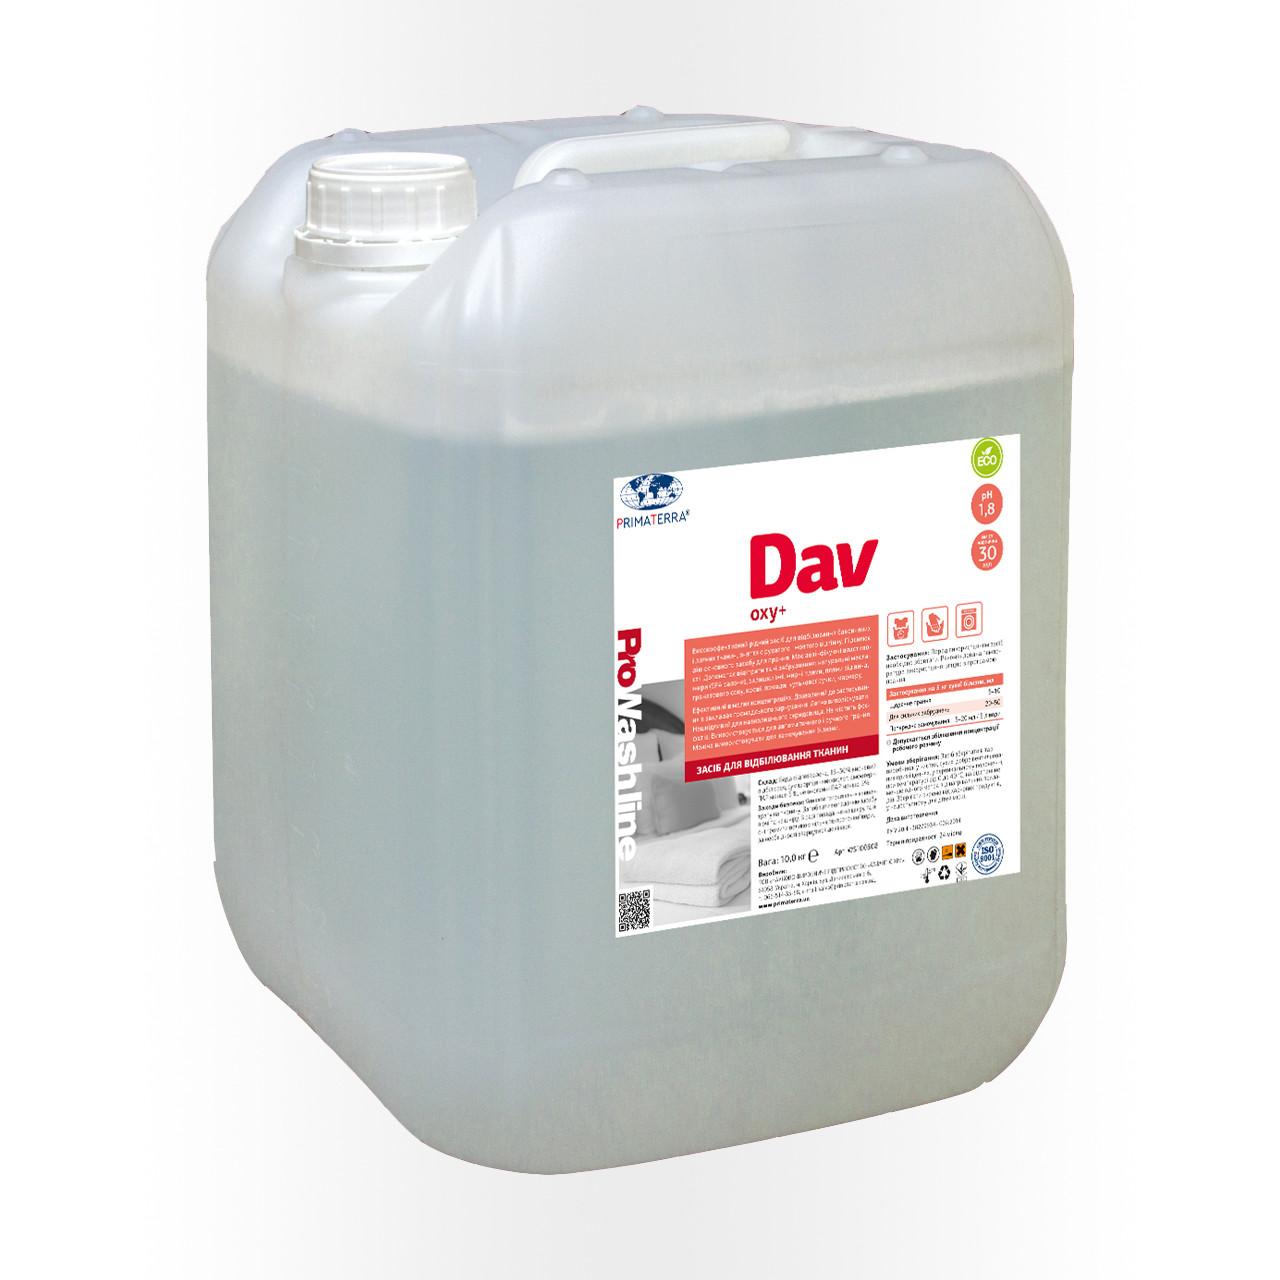 Відбілювач кисневий для прання DAV OXY (10кг)